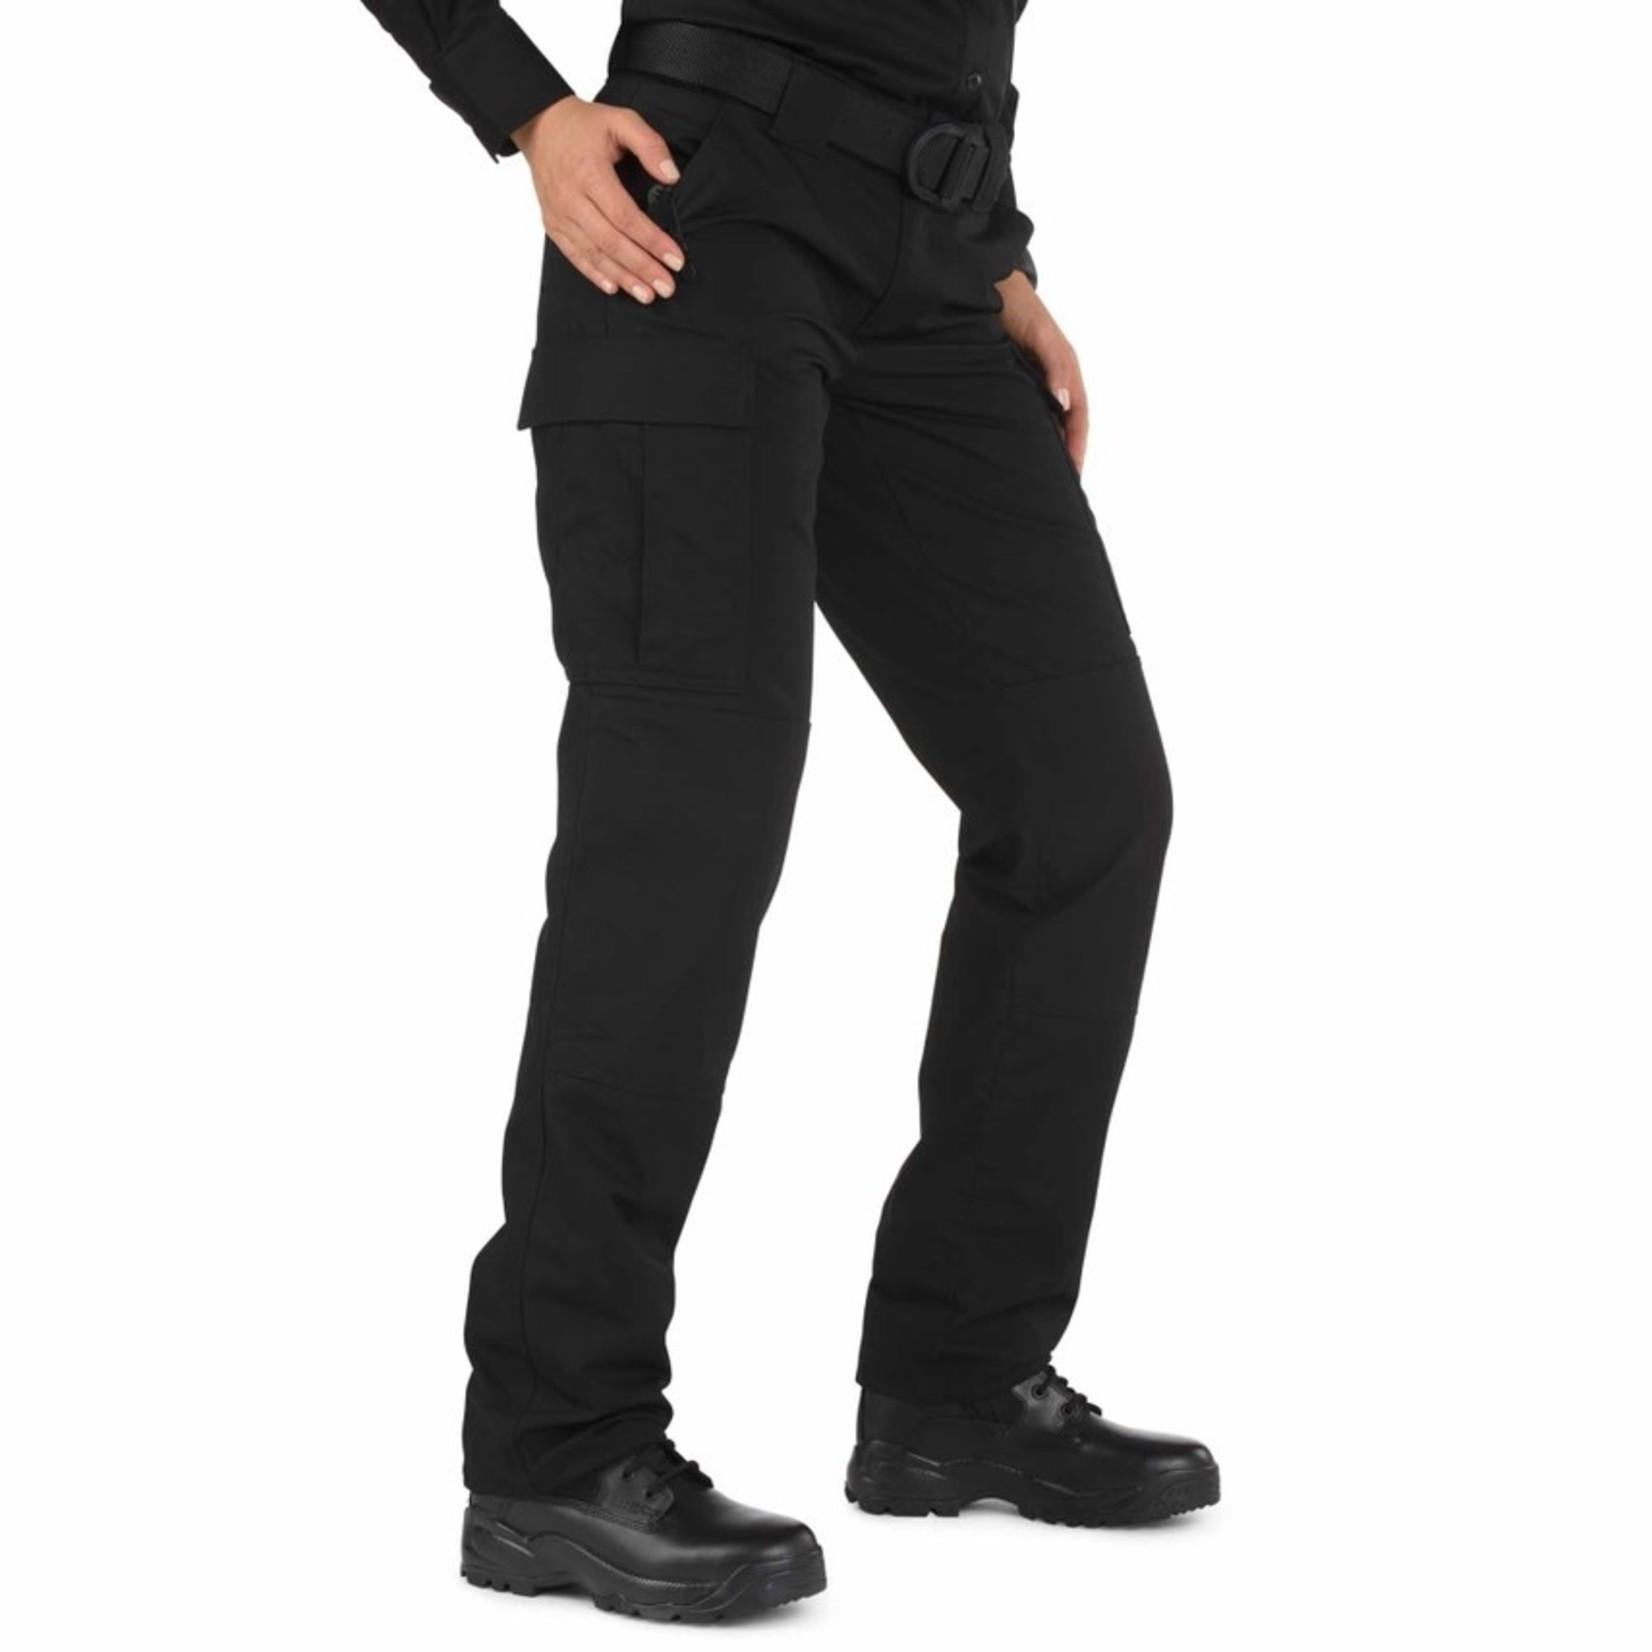 5.11 Tactical 5.11 Women's Ripstop TDU Pants